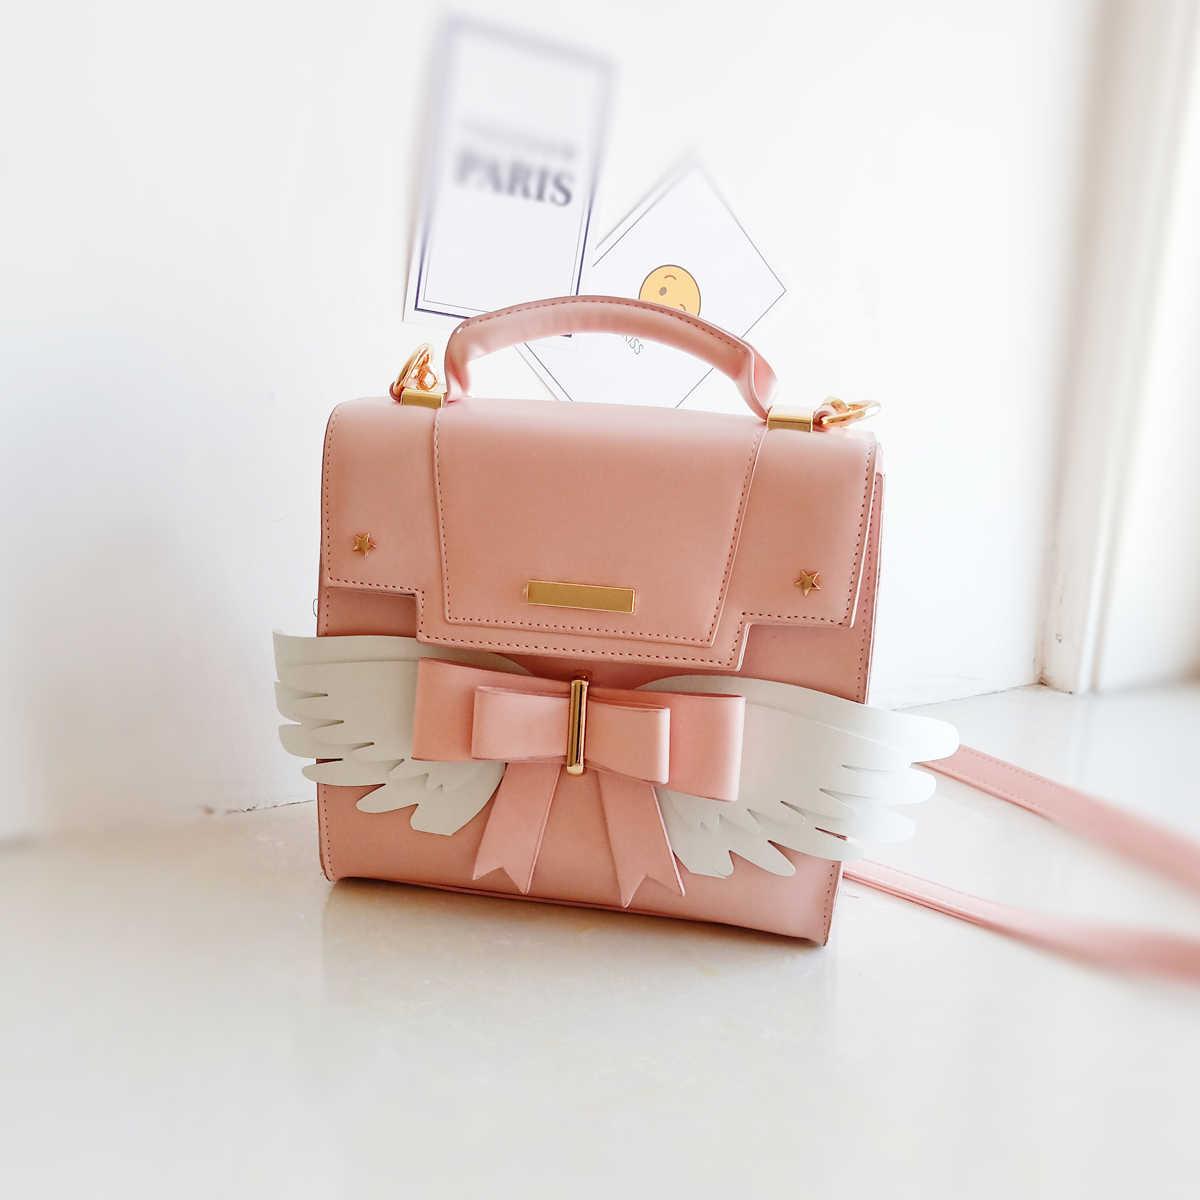 Модная милая сумка на плечо в стиле Лолиты с крыльями и бантом, женская сумка через плечо, женская сумка летучая мышь, дизайнерская сумка